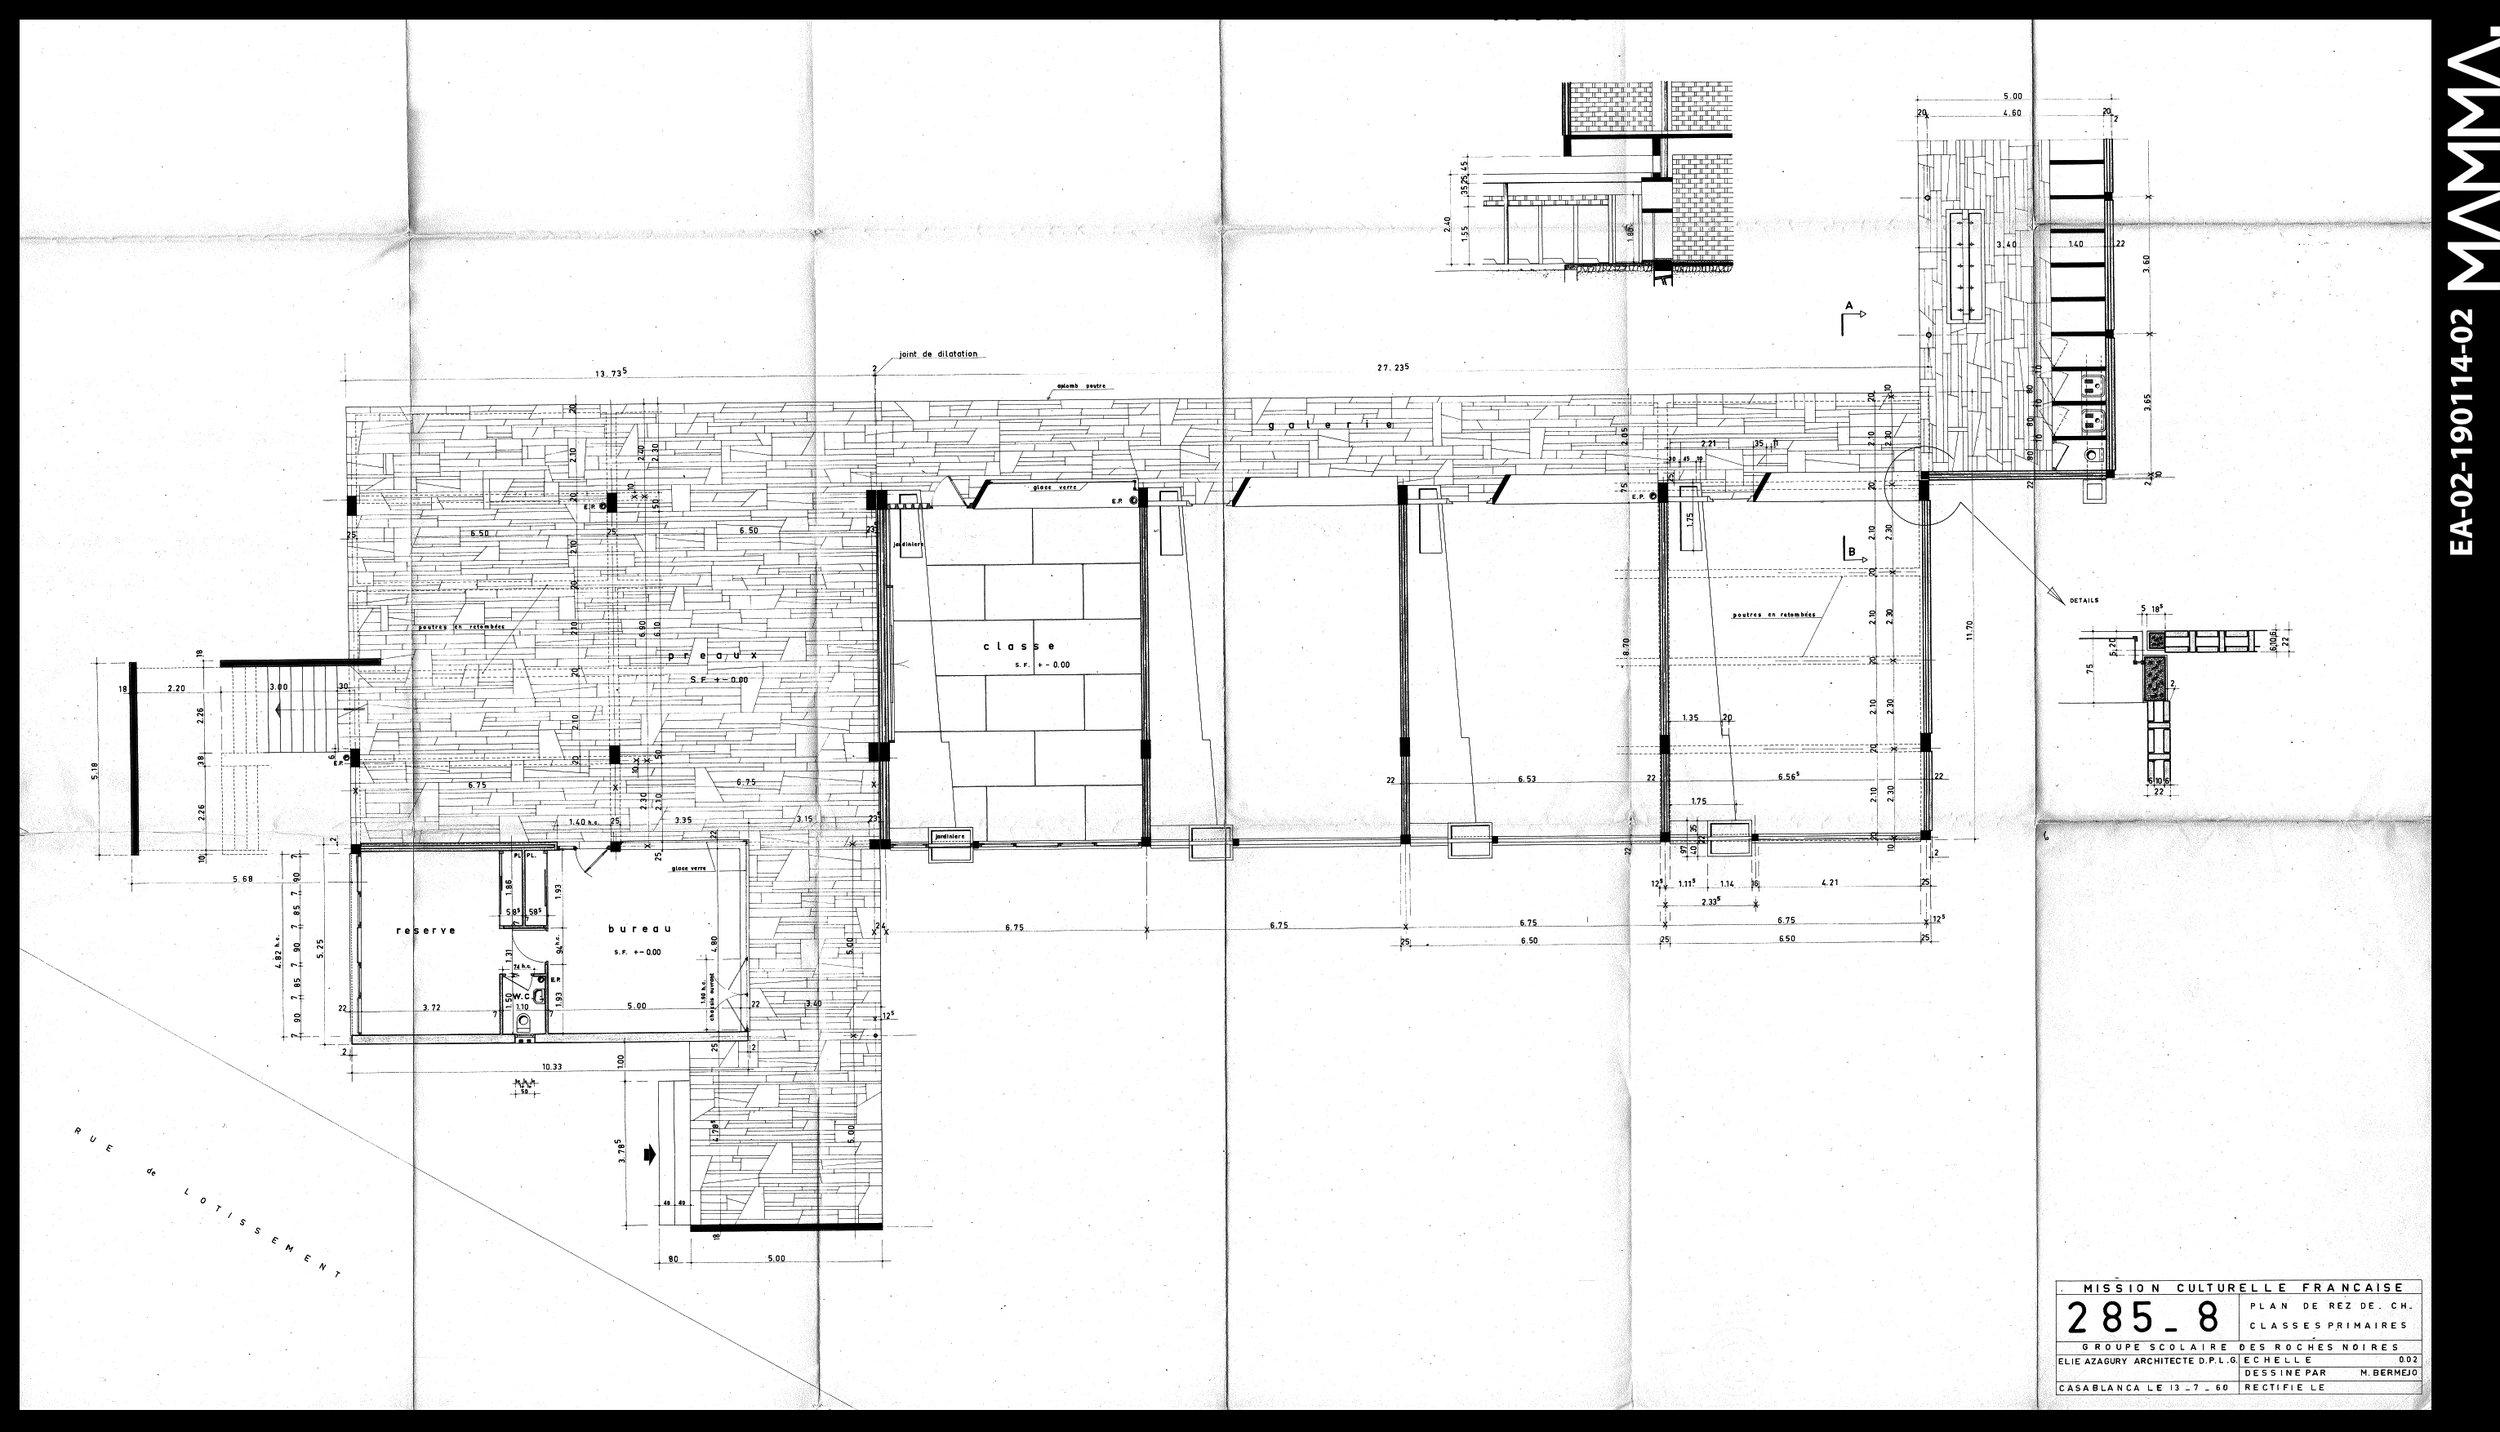 1960-Groupe Scolaire Roches Noires   Agence: Elie Azagury  Contenu: Plan RDC des classes primaires  Dimensions: 126,5 x 77,3 cm  © MAMMAARCHIVE   Réf:  MAMMA-EA-02-190114-02